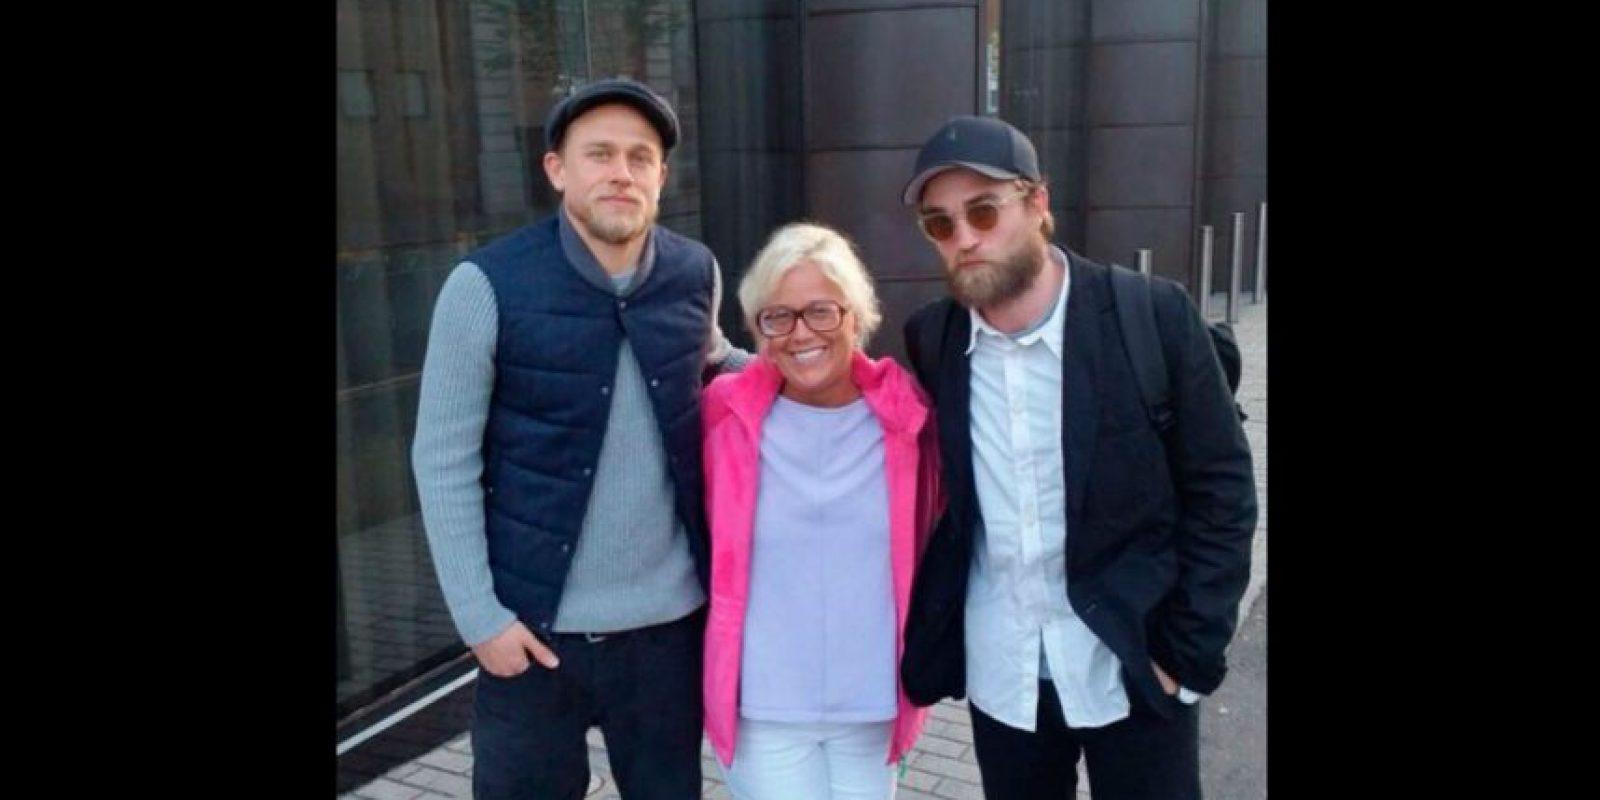 Una fan del actor logró capturar en una fotografía, el nuevo look de Pattinson. Foto:Instagram/Nikki_fynn